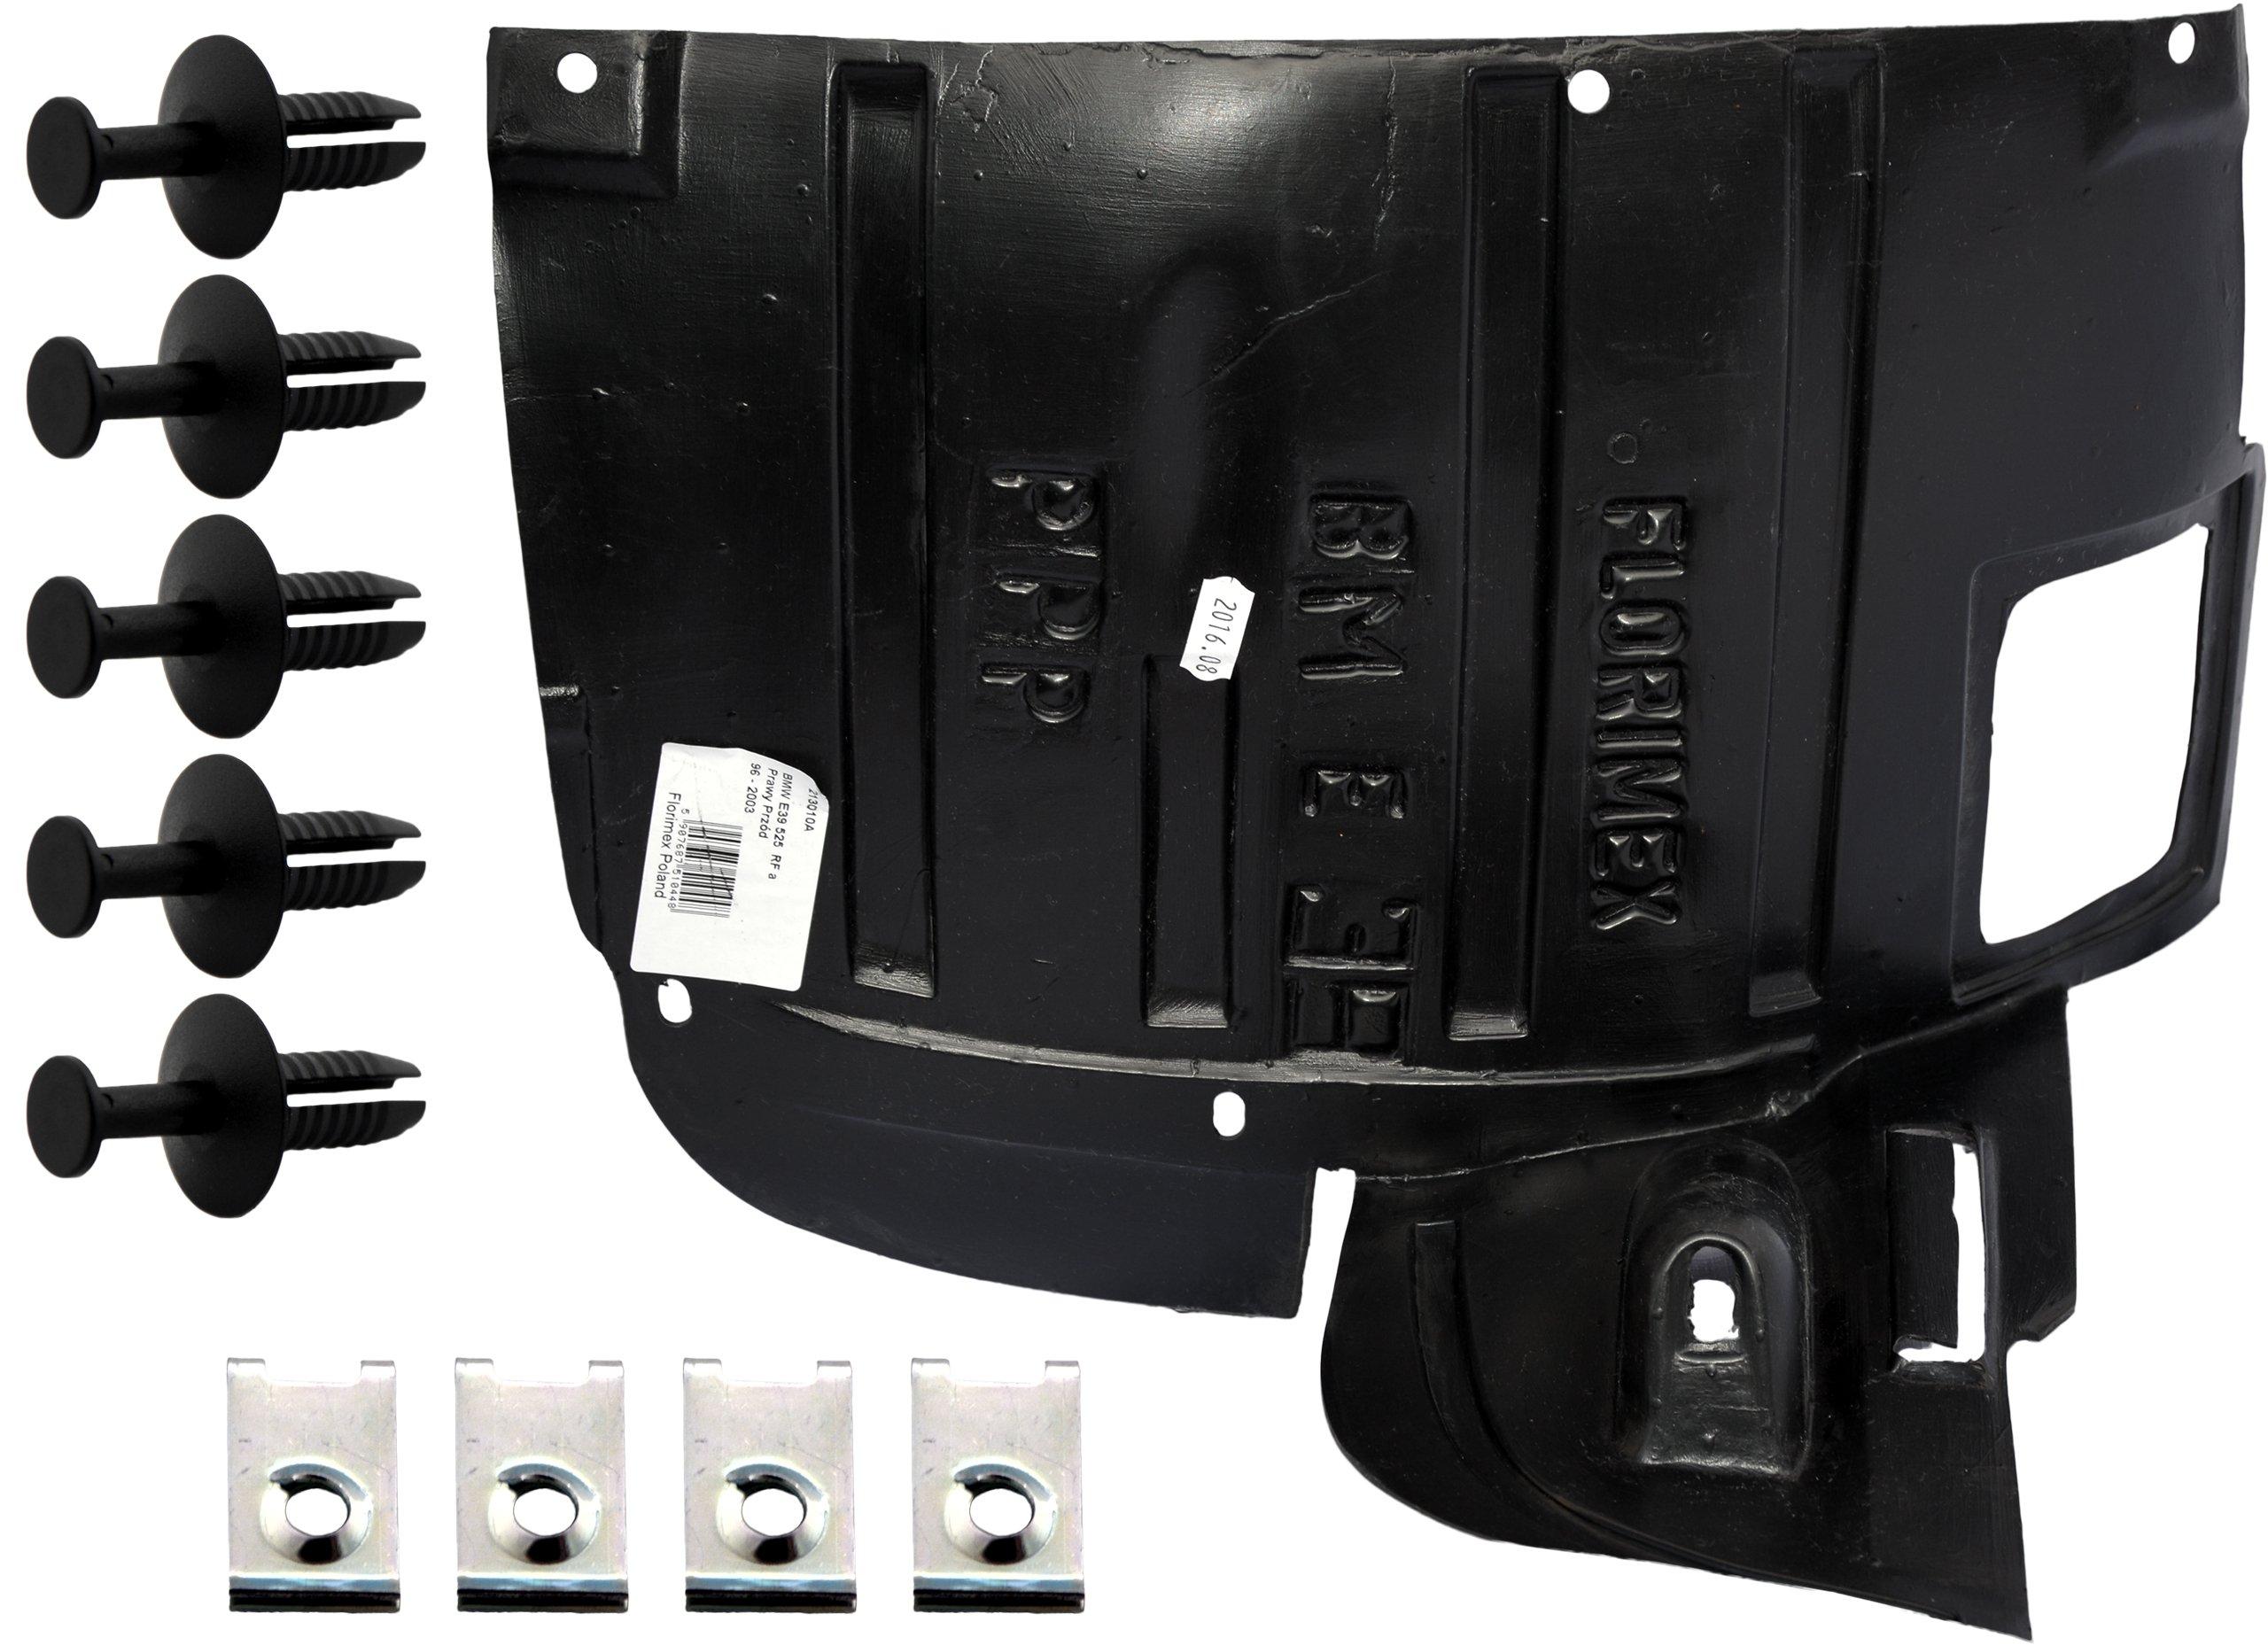 bmw 5 e39 e-39 e 39 локер колесной арки 95-03 стандарт запонки